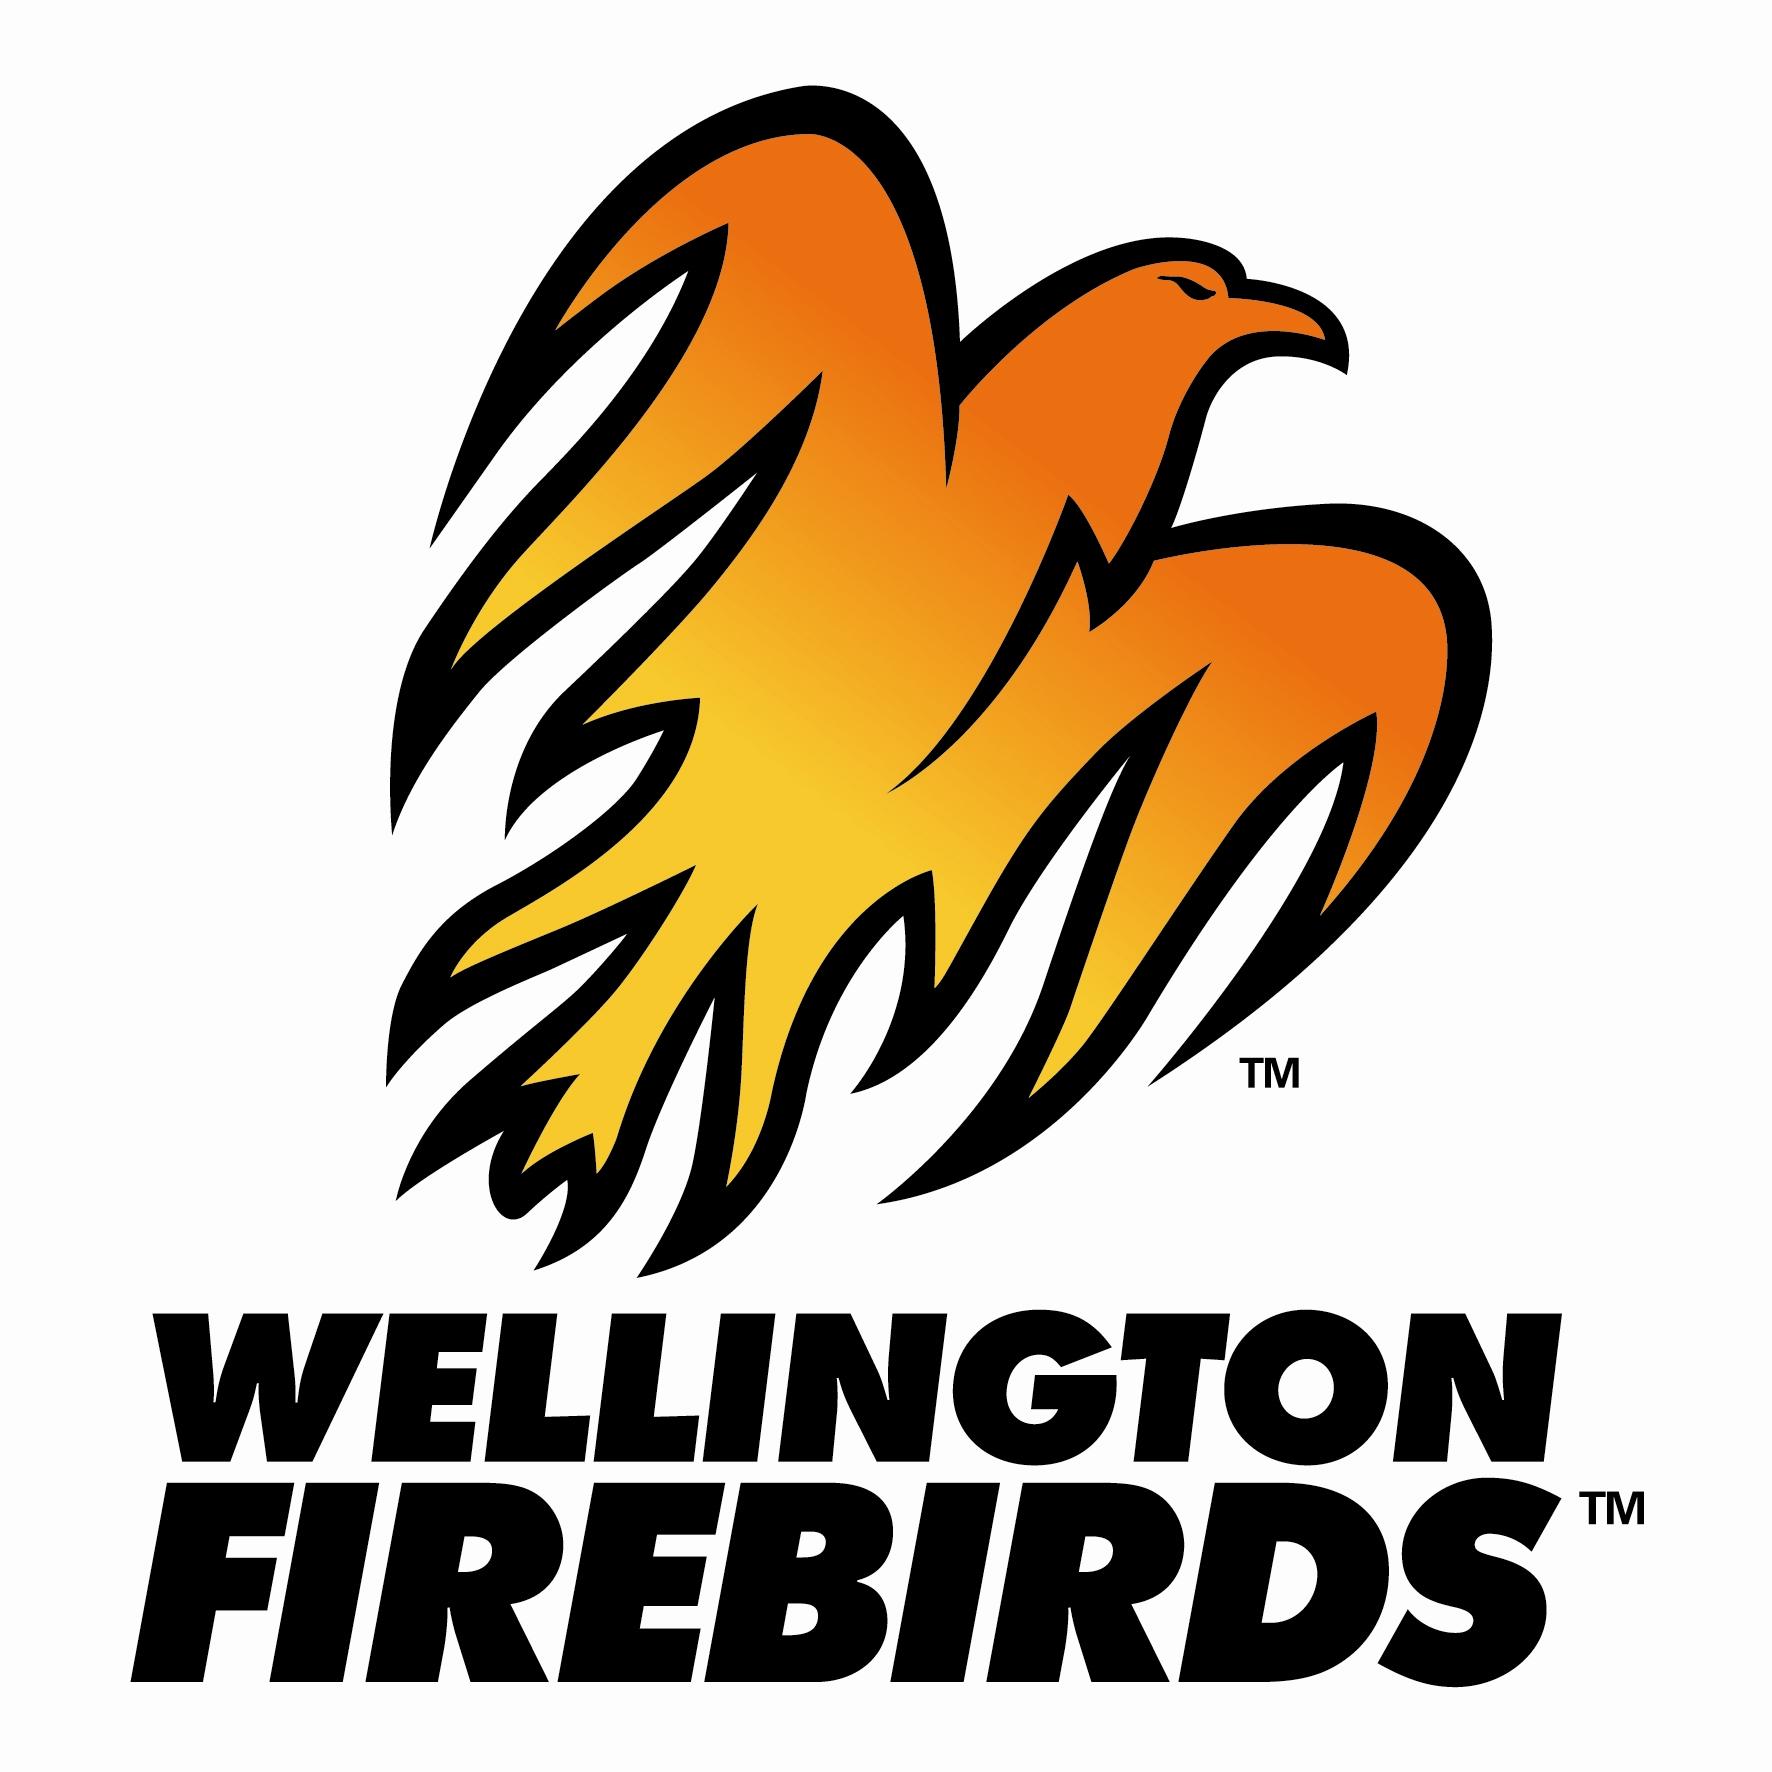 New-Firebirds-logo.jpg